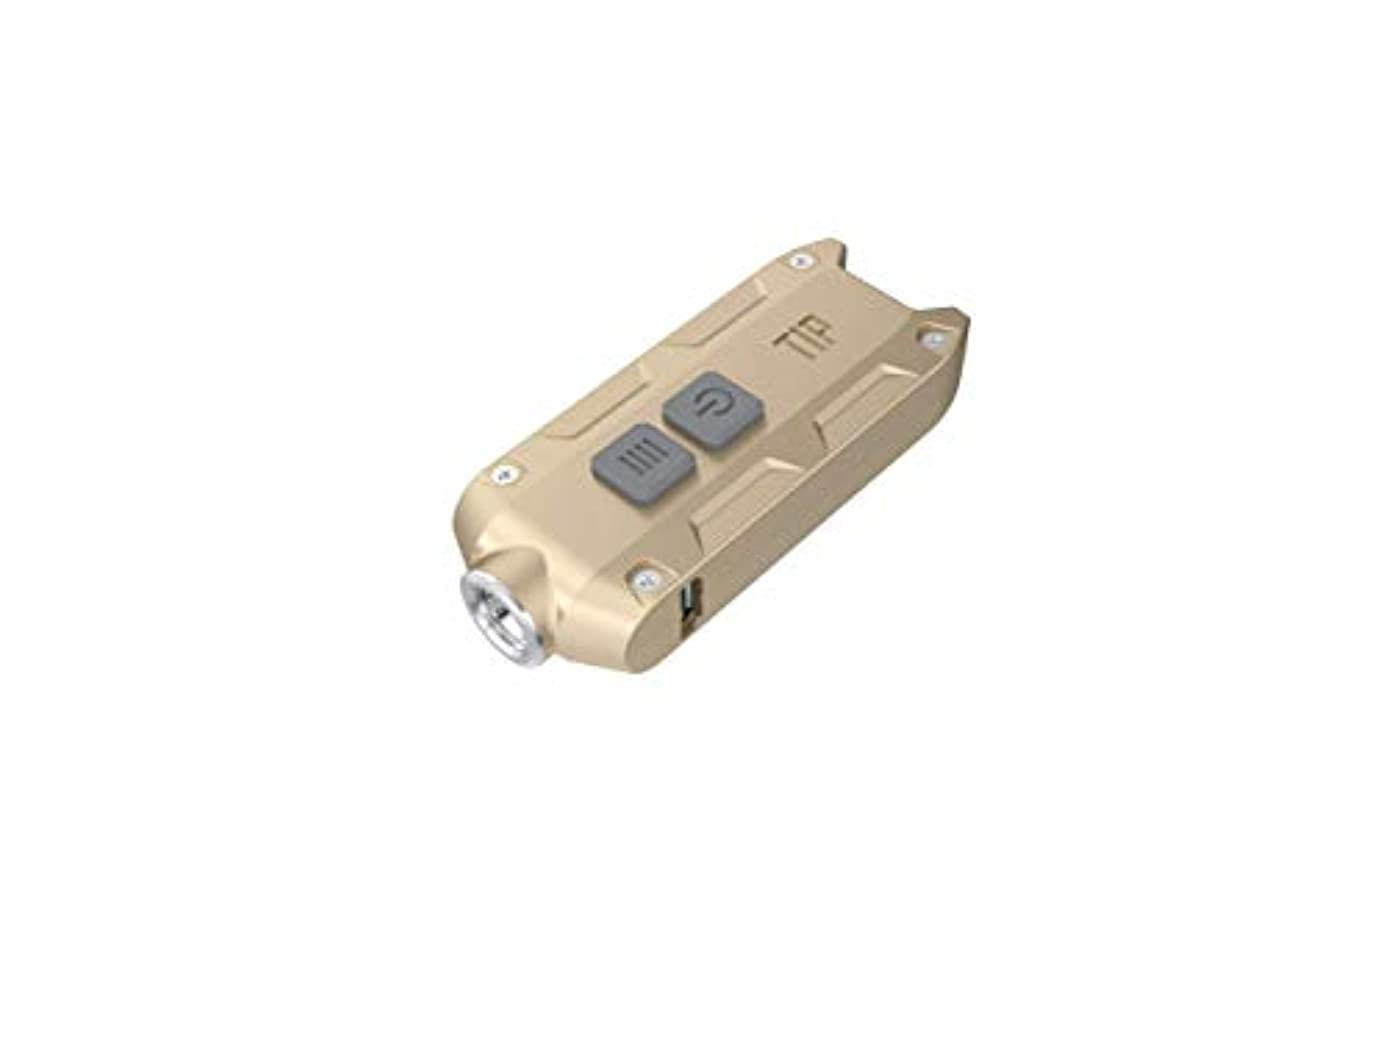 星コーラスグローブnitecore金属usb充電式を内蔵リチウムイオン充電池キーホルダー燈tip小さく軽いアウトドア日常携帯キャンプ徒歩夜釣りに乗ってマイカー旅行を身につけて照明(金色)